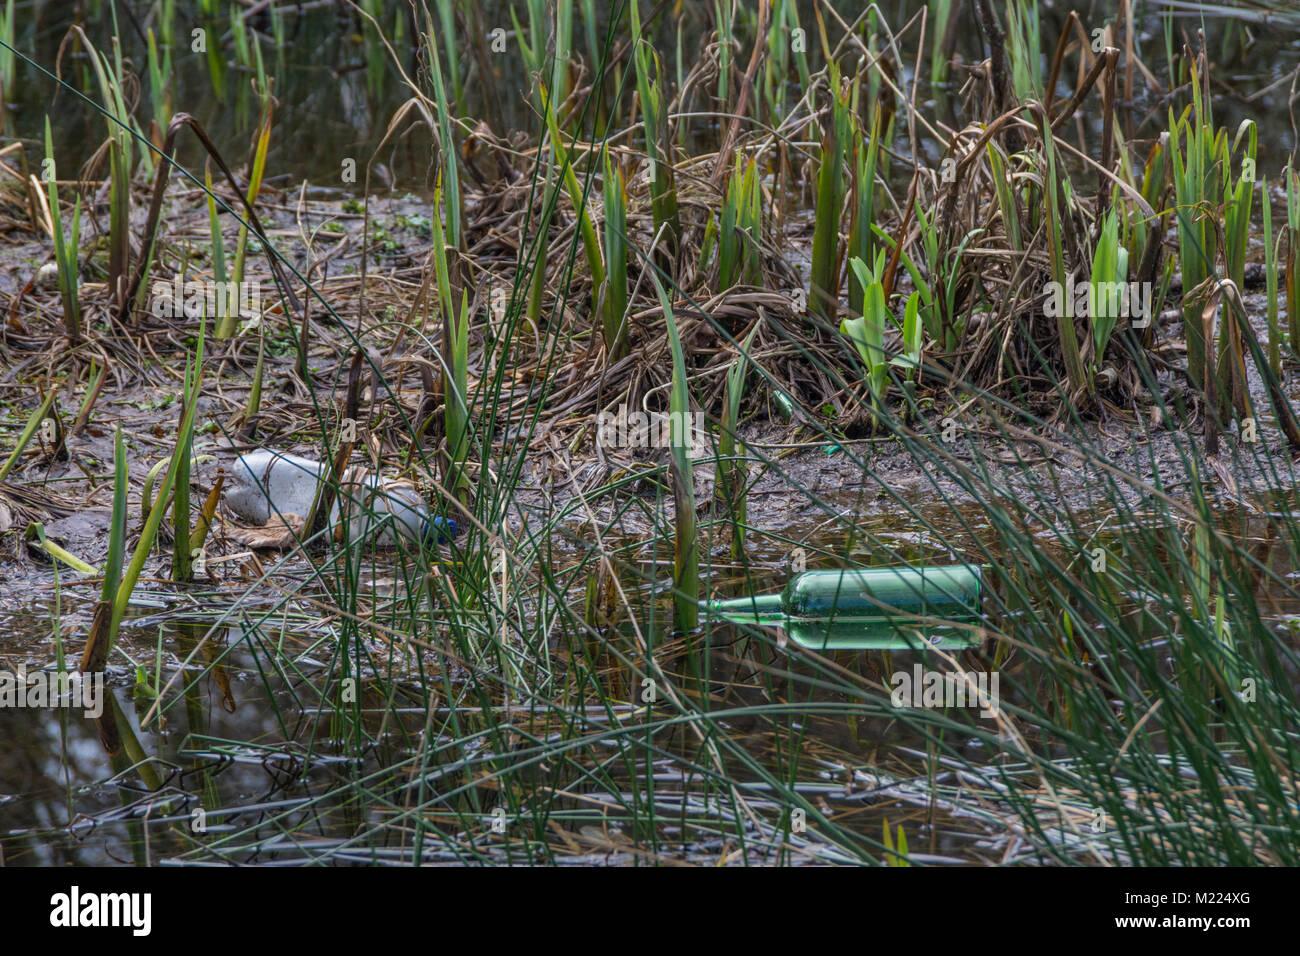 Bottiglie in vetro e in plastica lavati fino nella zona paludosa - metafora per plastica inquinamento ambientale Immagini Stock